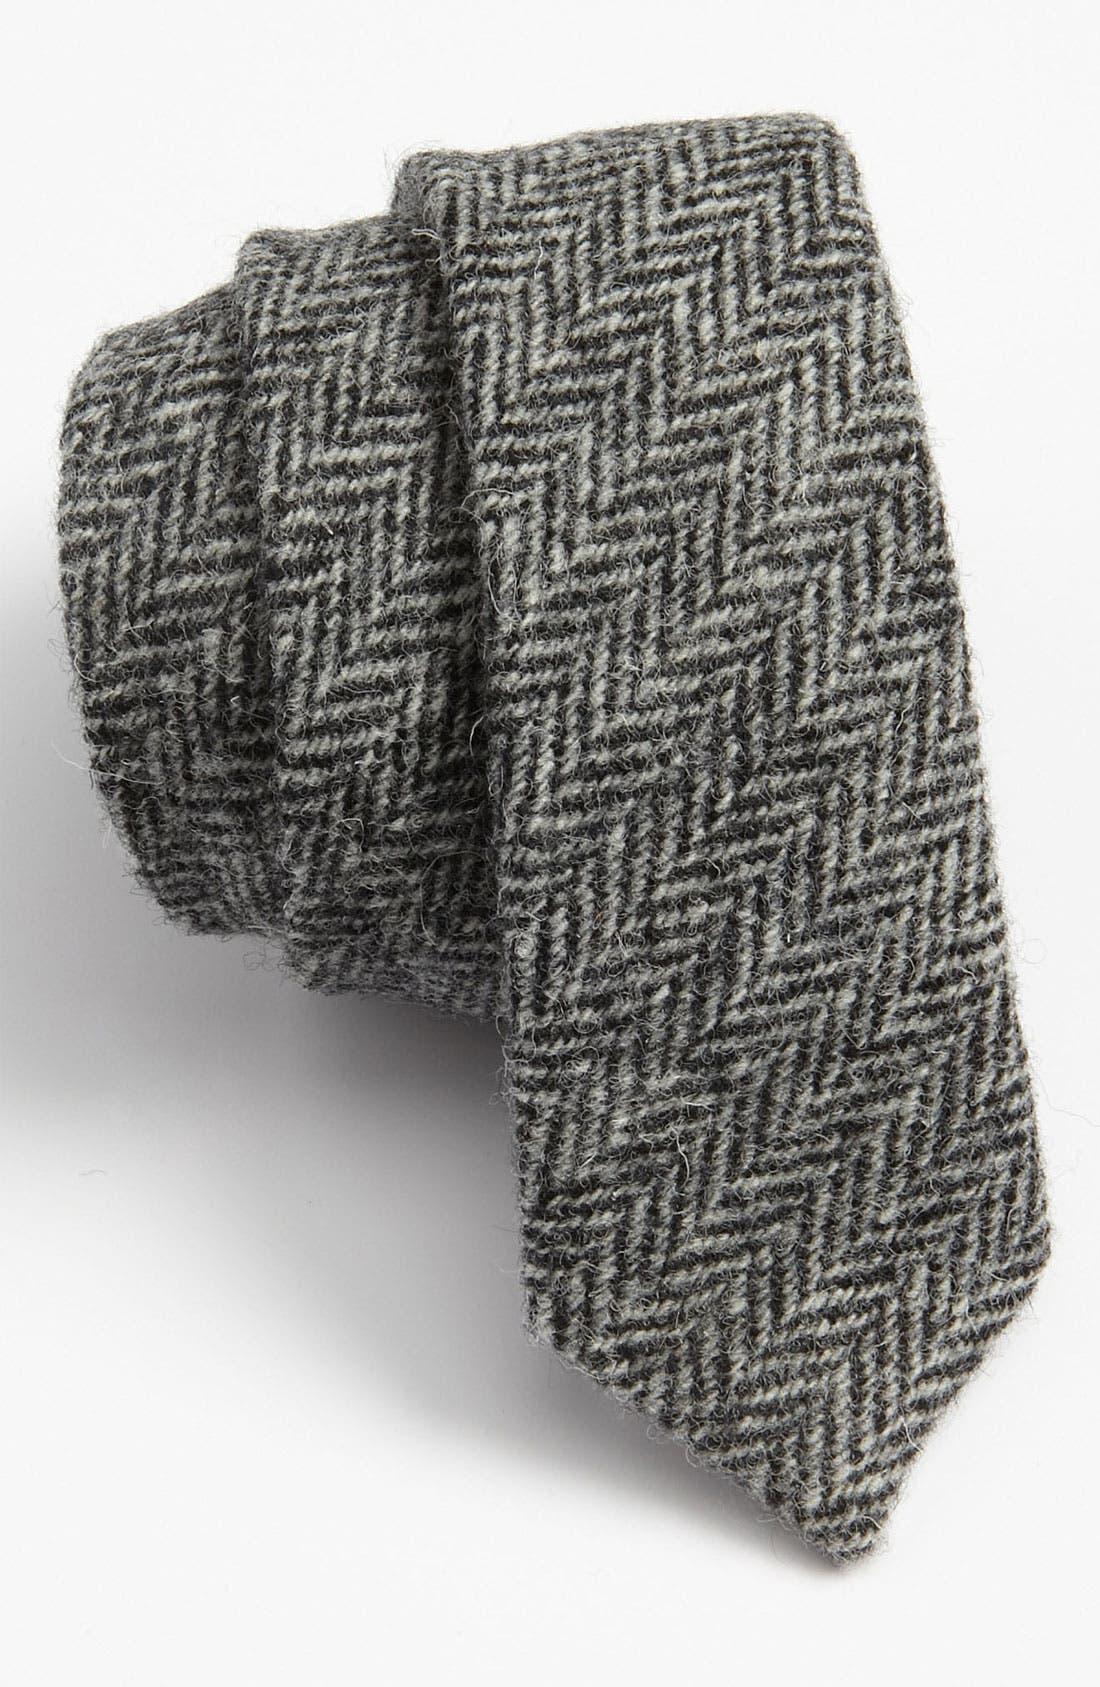 Alternate Image 1 Selected - David Hart Harris Tweed Herringbone Tie